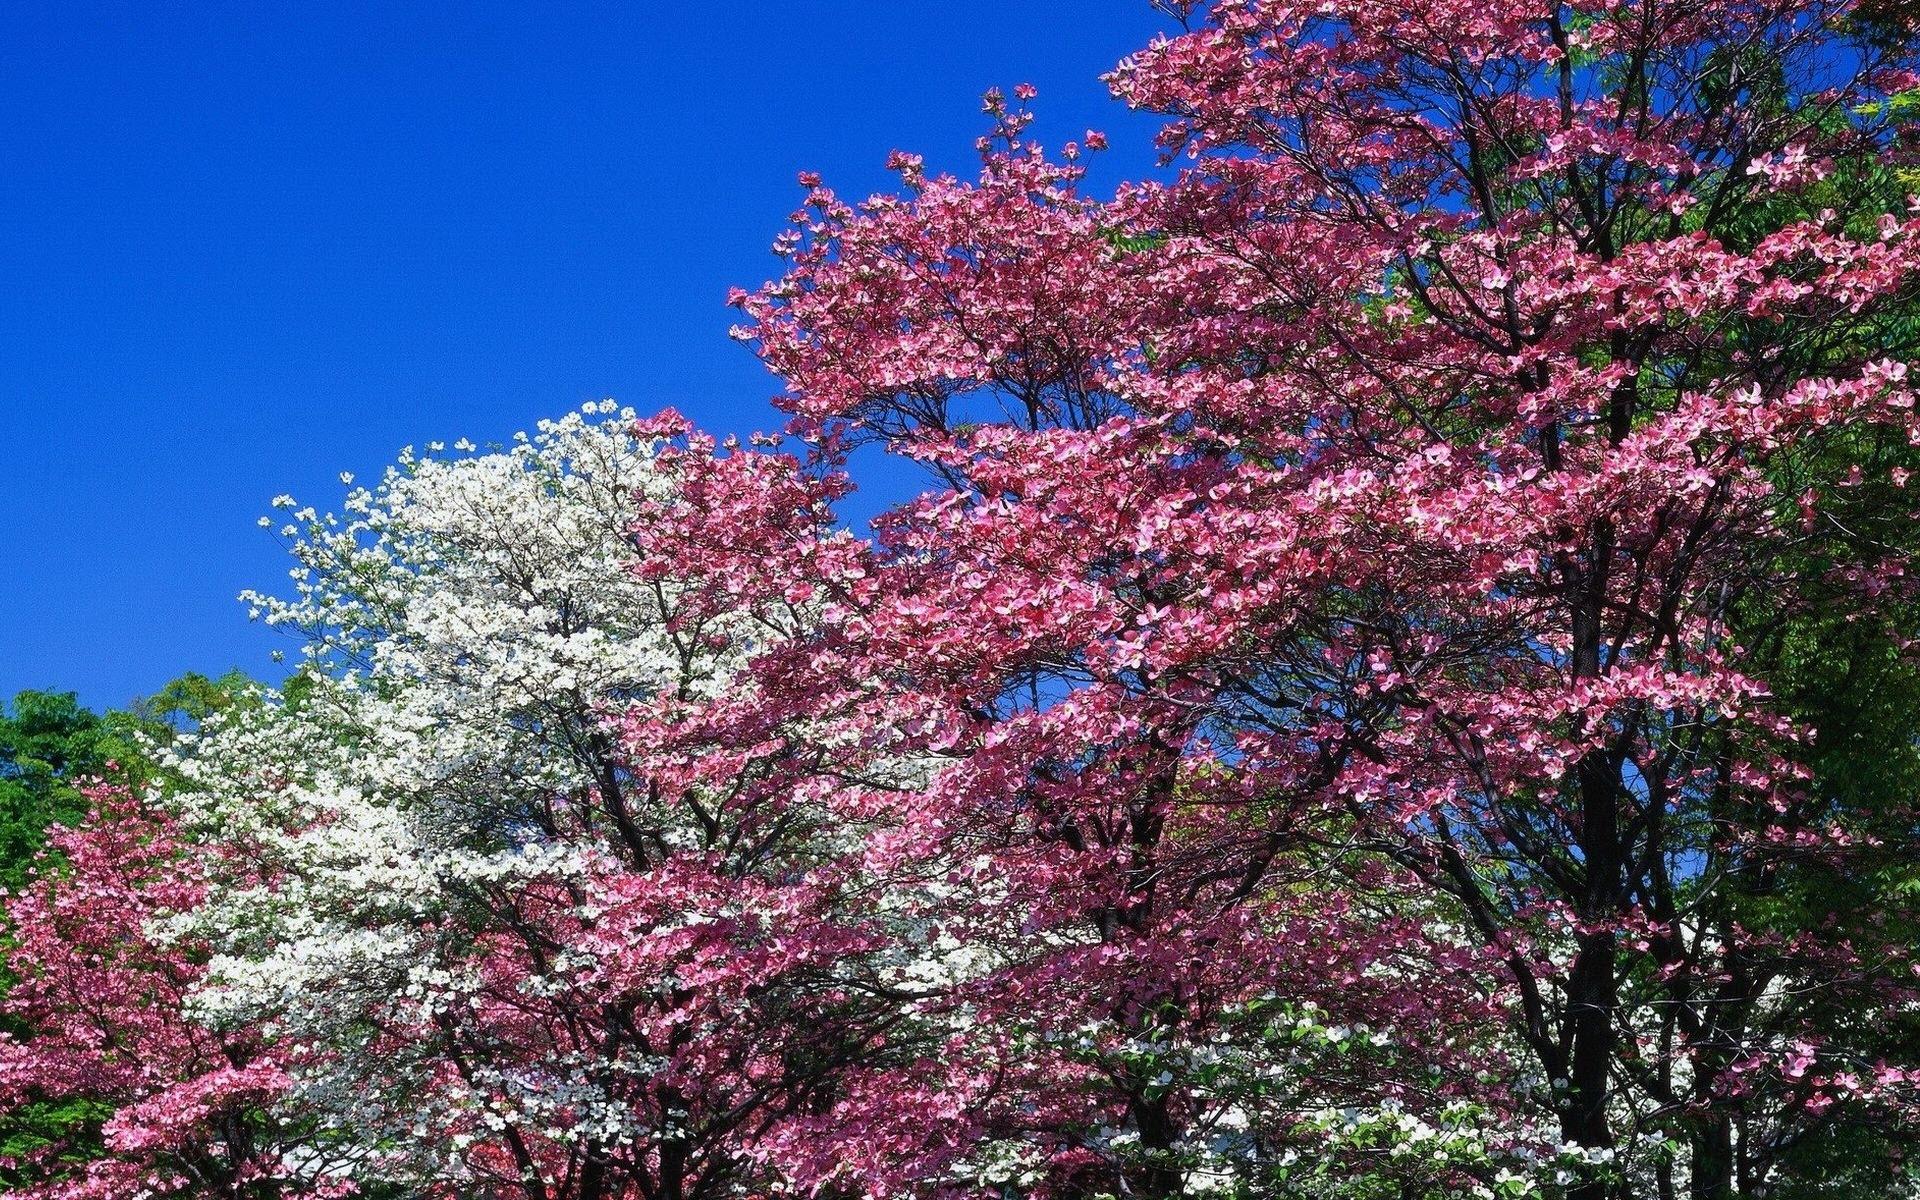 юбочка цветение деревьев бело розовым цветом фото пока выяснили, имели